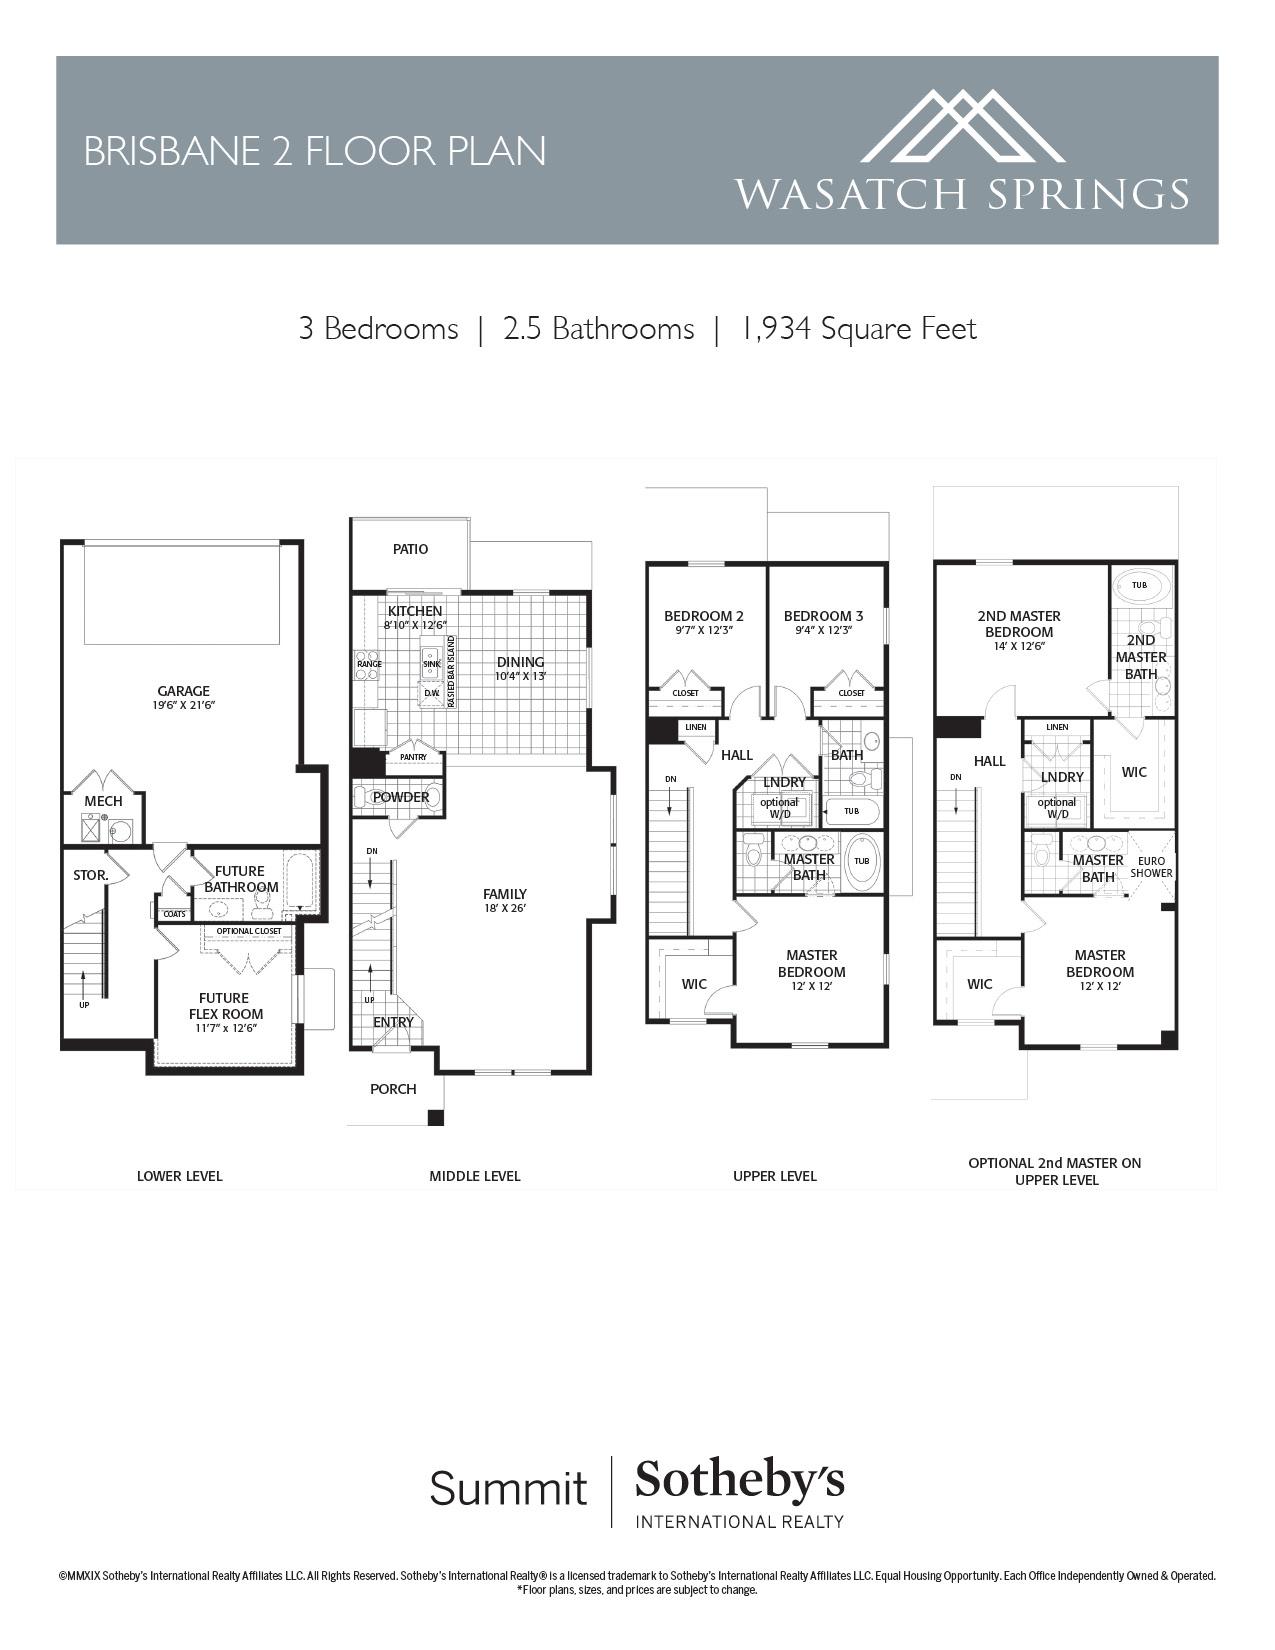 Brisbane 2 Floor Plan.jpg